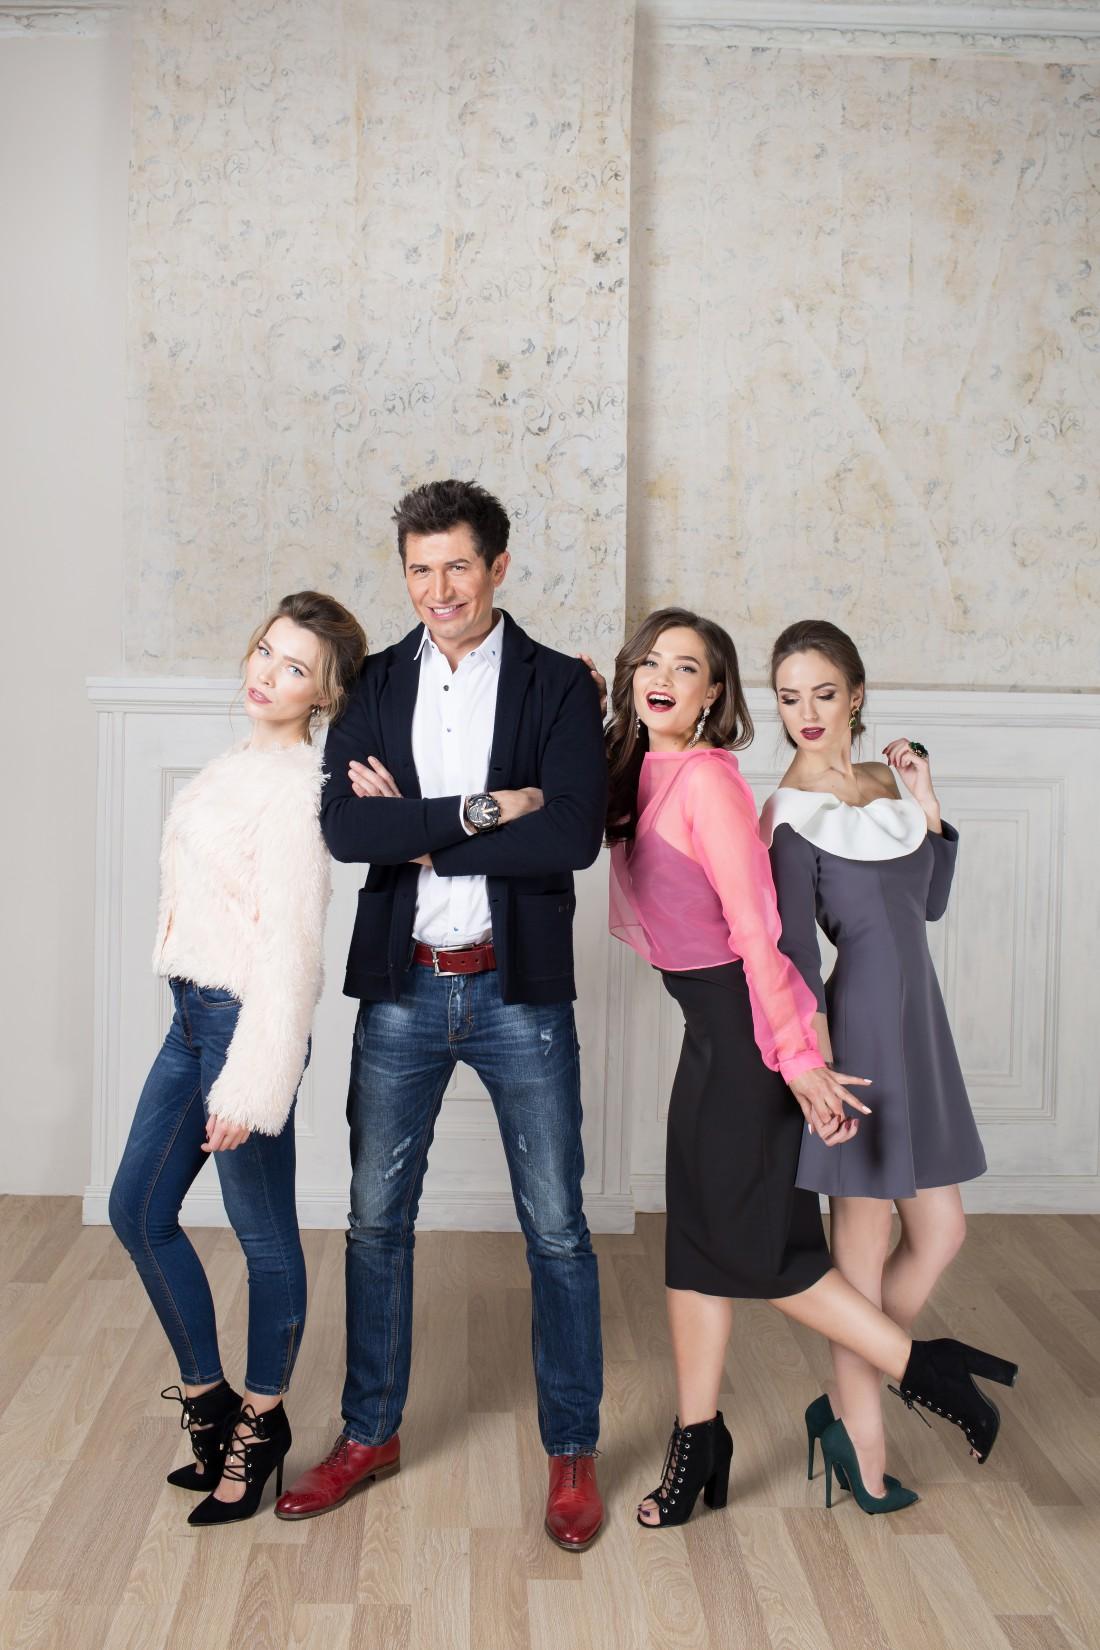 Телеведущий Андрей Джеджула станет спикером #LOVEtalks